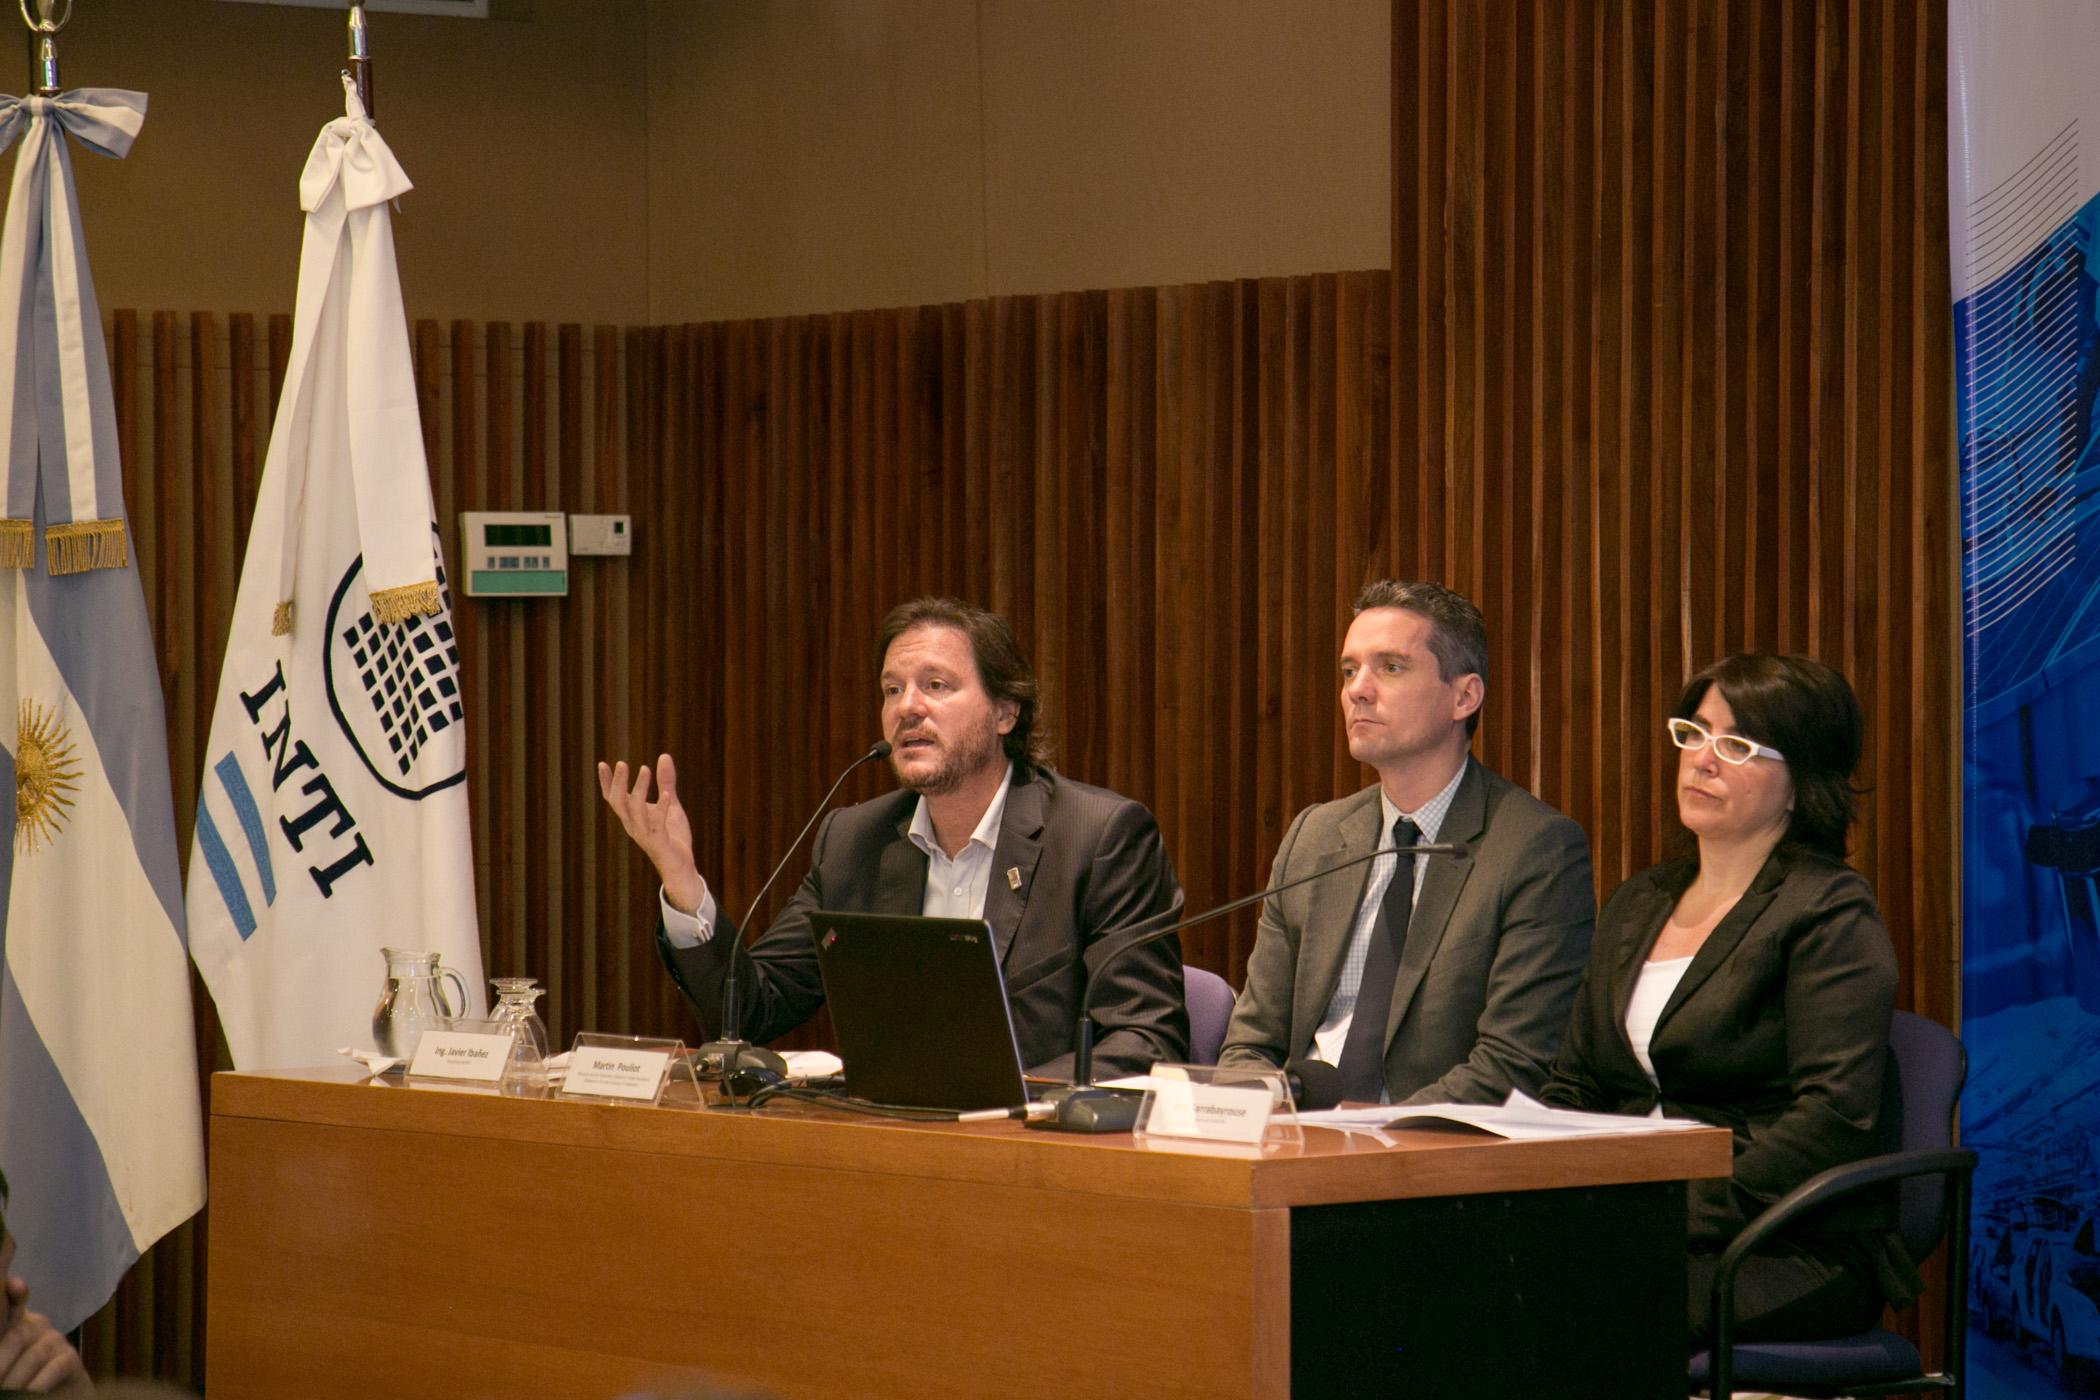 De izquierda a derecha, Ing. Javier Ibañez, presidente del INTI; Martín Pouliot, jefe de la sección Economía y Comercio de la Unión Europea (UE); y la Cónsul Ana Sarrabayrouse, representante de la Dirección General de Cooperación Internacional de la Cancillería Argentina.